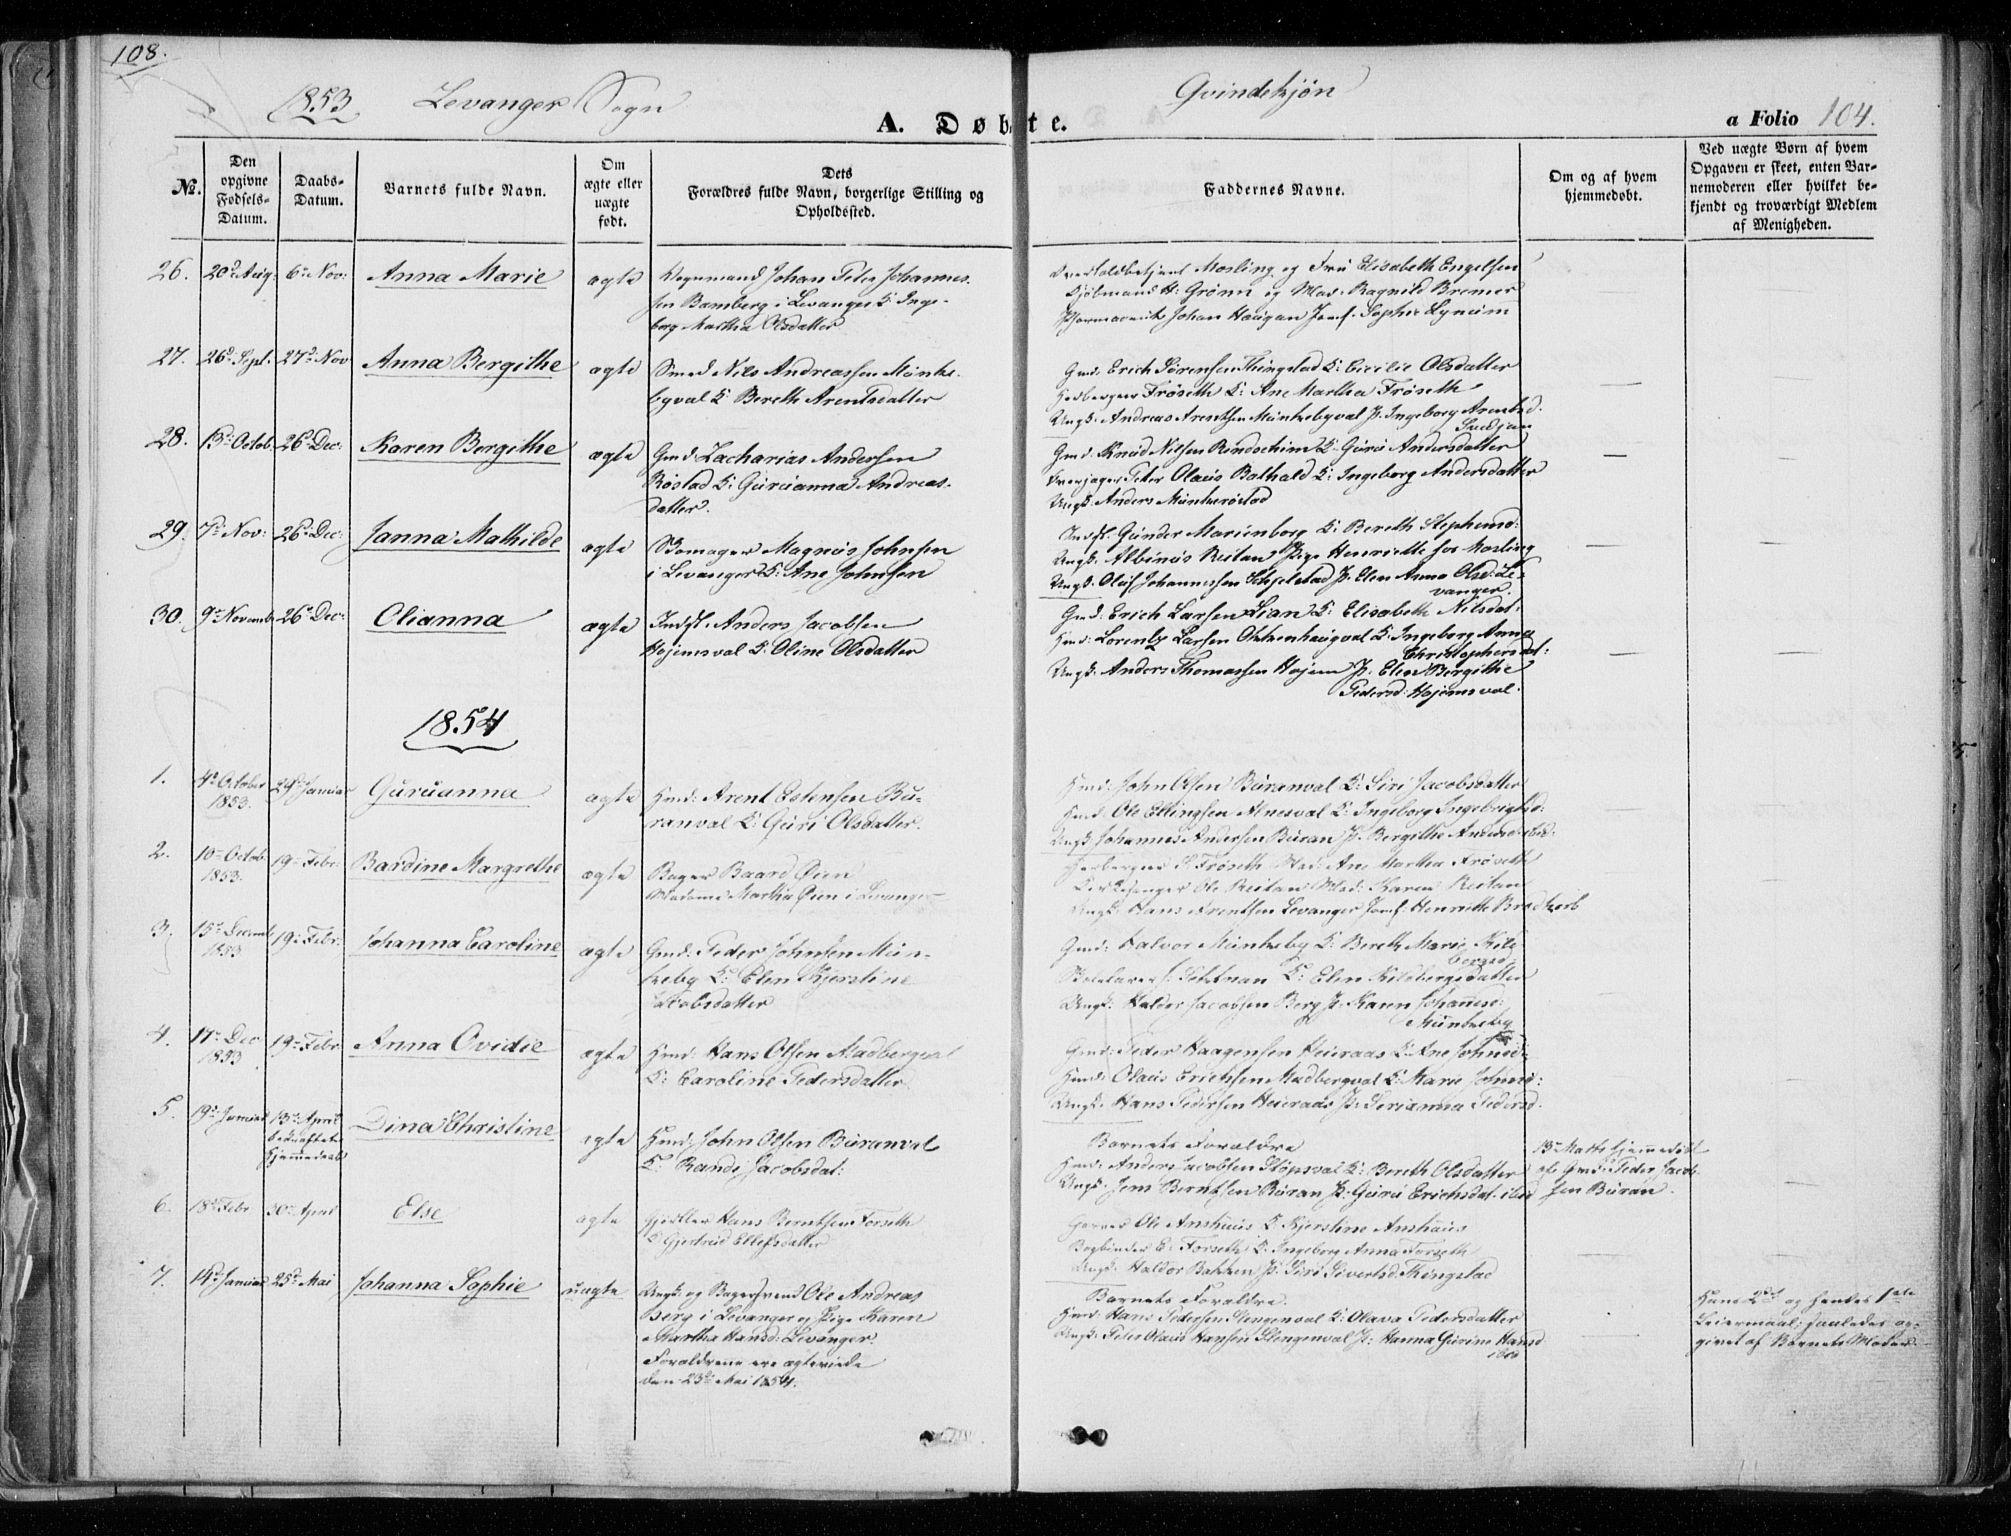 SAT, Ministerialprotokoller, klokkerbøker og fødselsregistre - Nord-Trøndelag, 720/L0183: Ministerialbok nr. 720A01, 1836-1855, s. 104